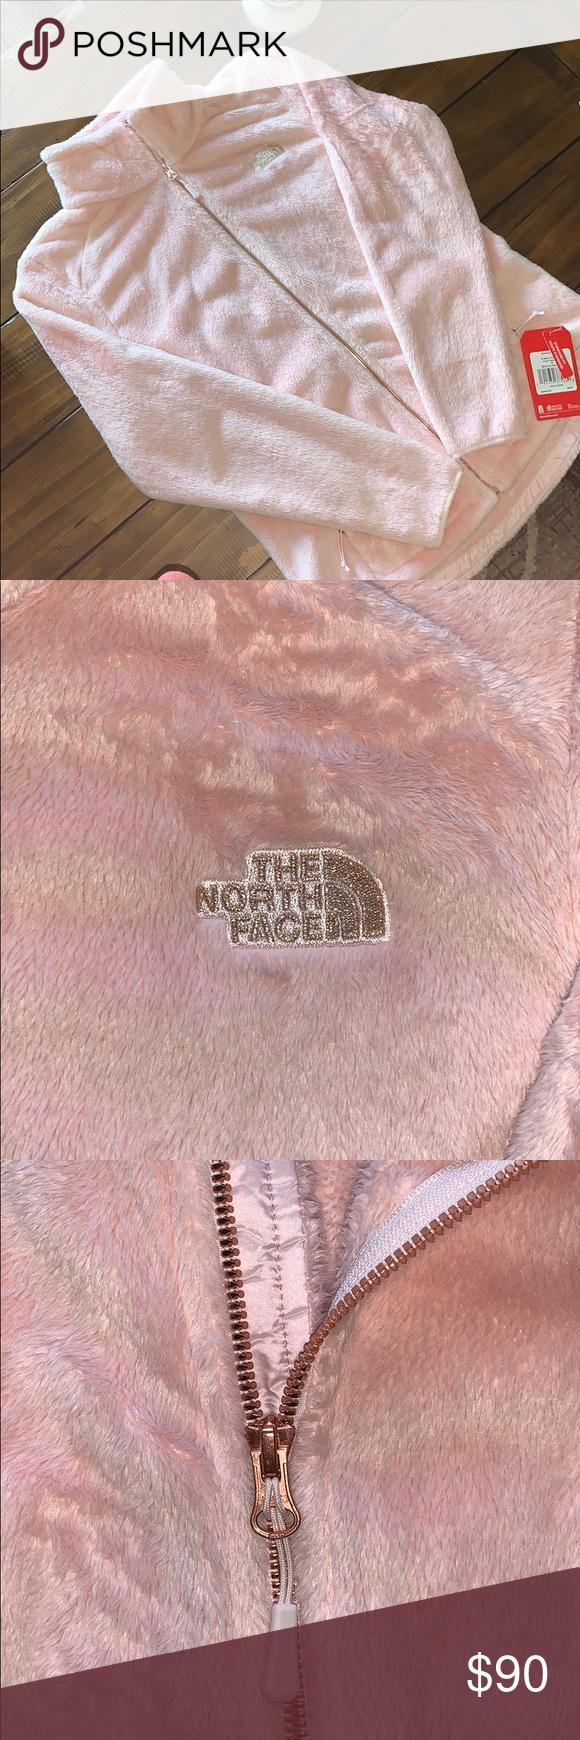 90 Best Rose gold jacket images in 2020 | Rose gold jacket